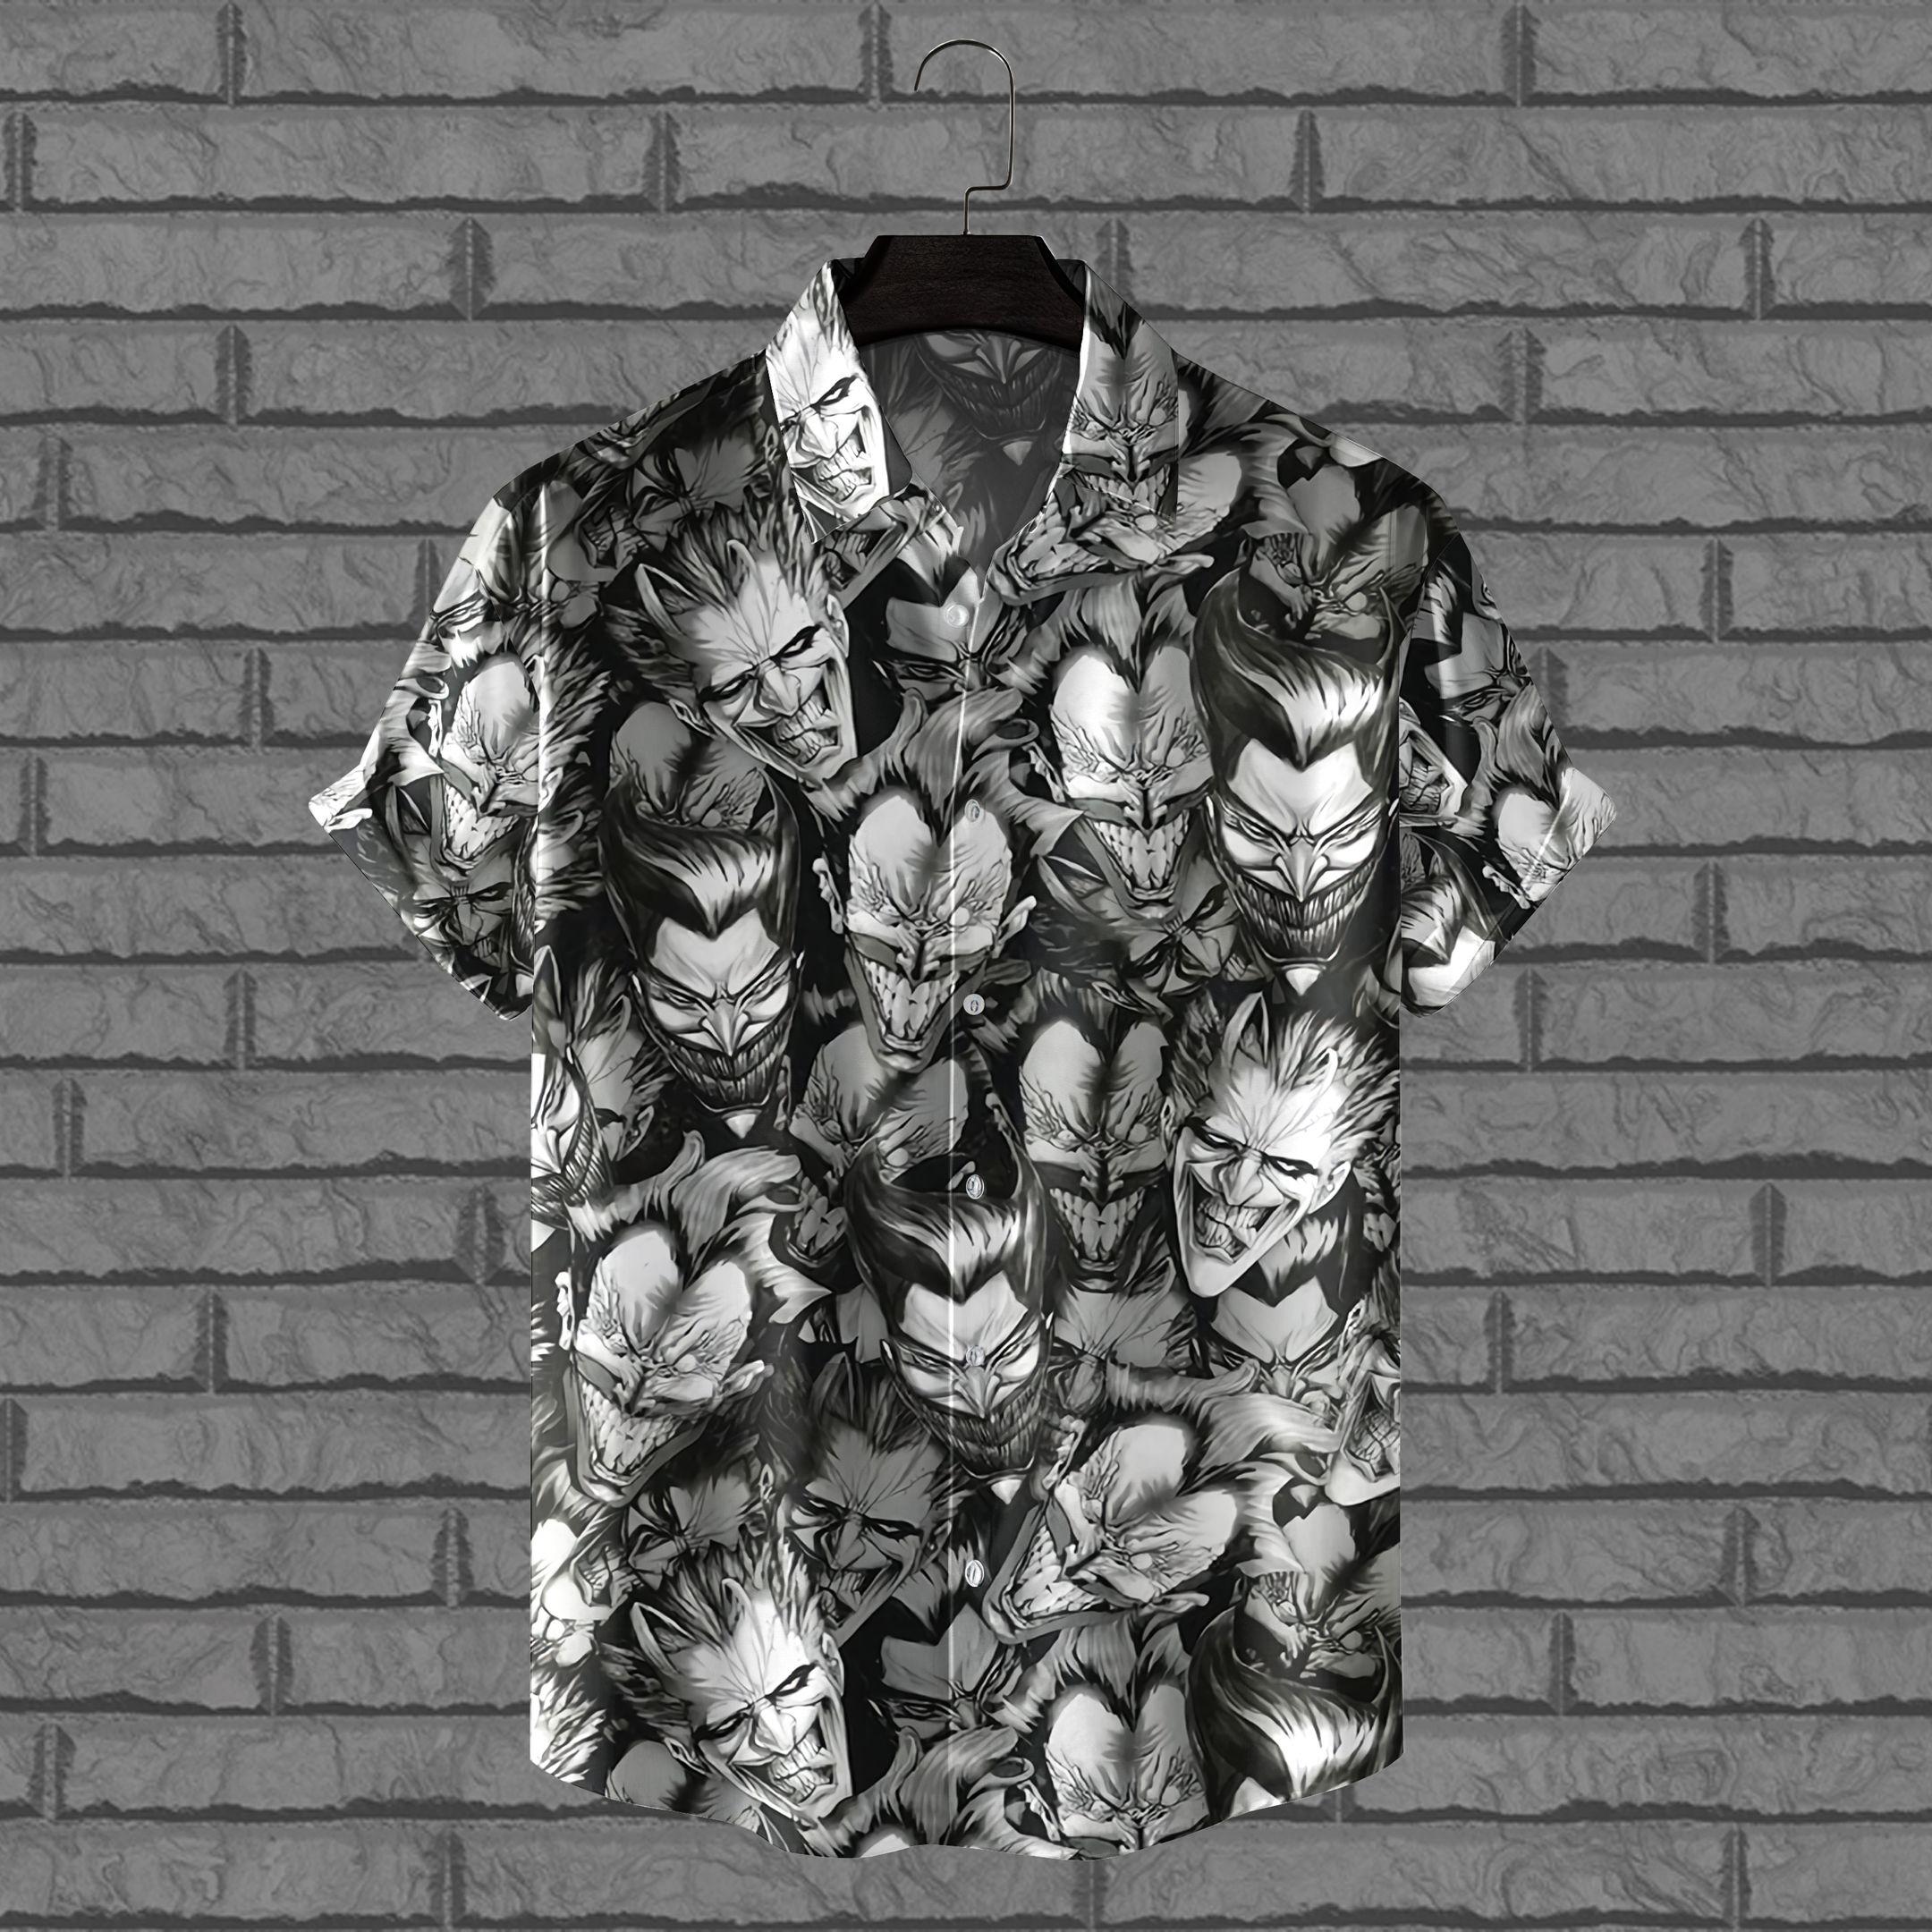 Joker face black and white Hawaiian Shirt Batman seriez